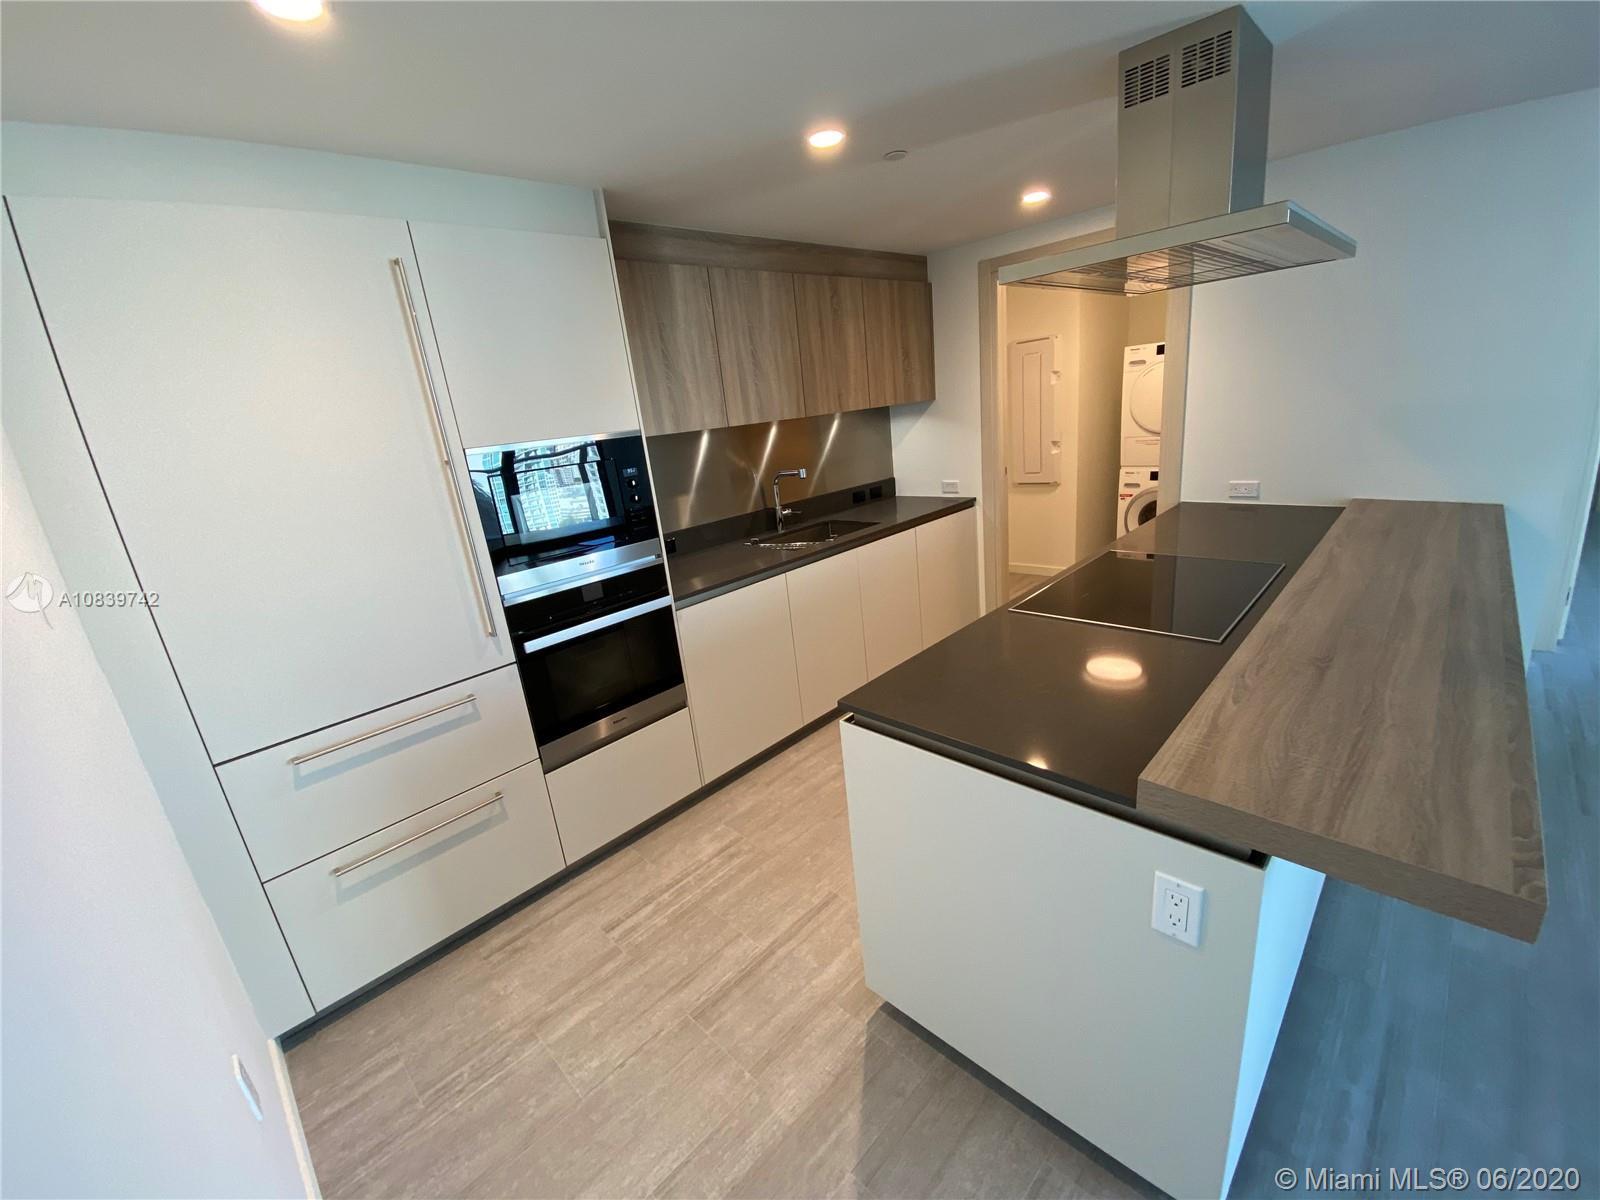 1000 BRICKELL PLAZA #3309, Miami, FL 33131 - Miami, FL real estate listing